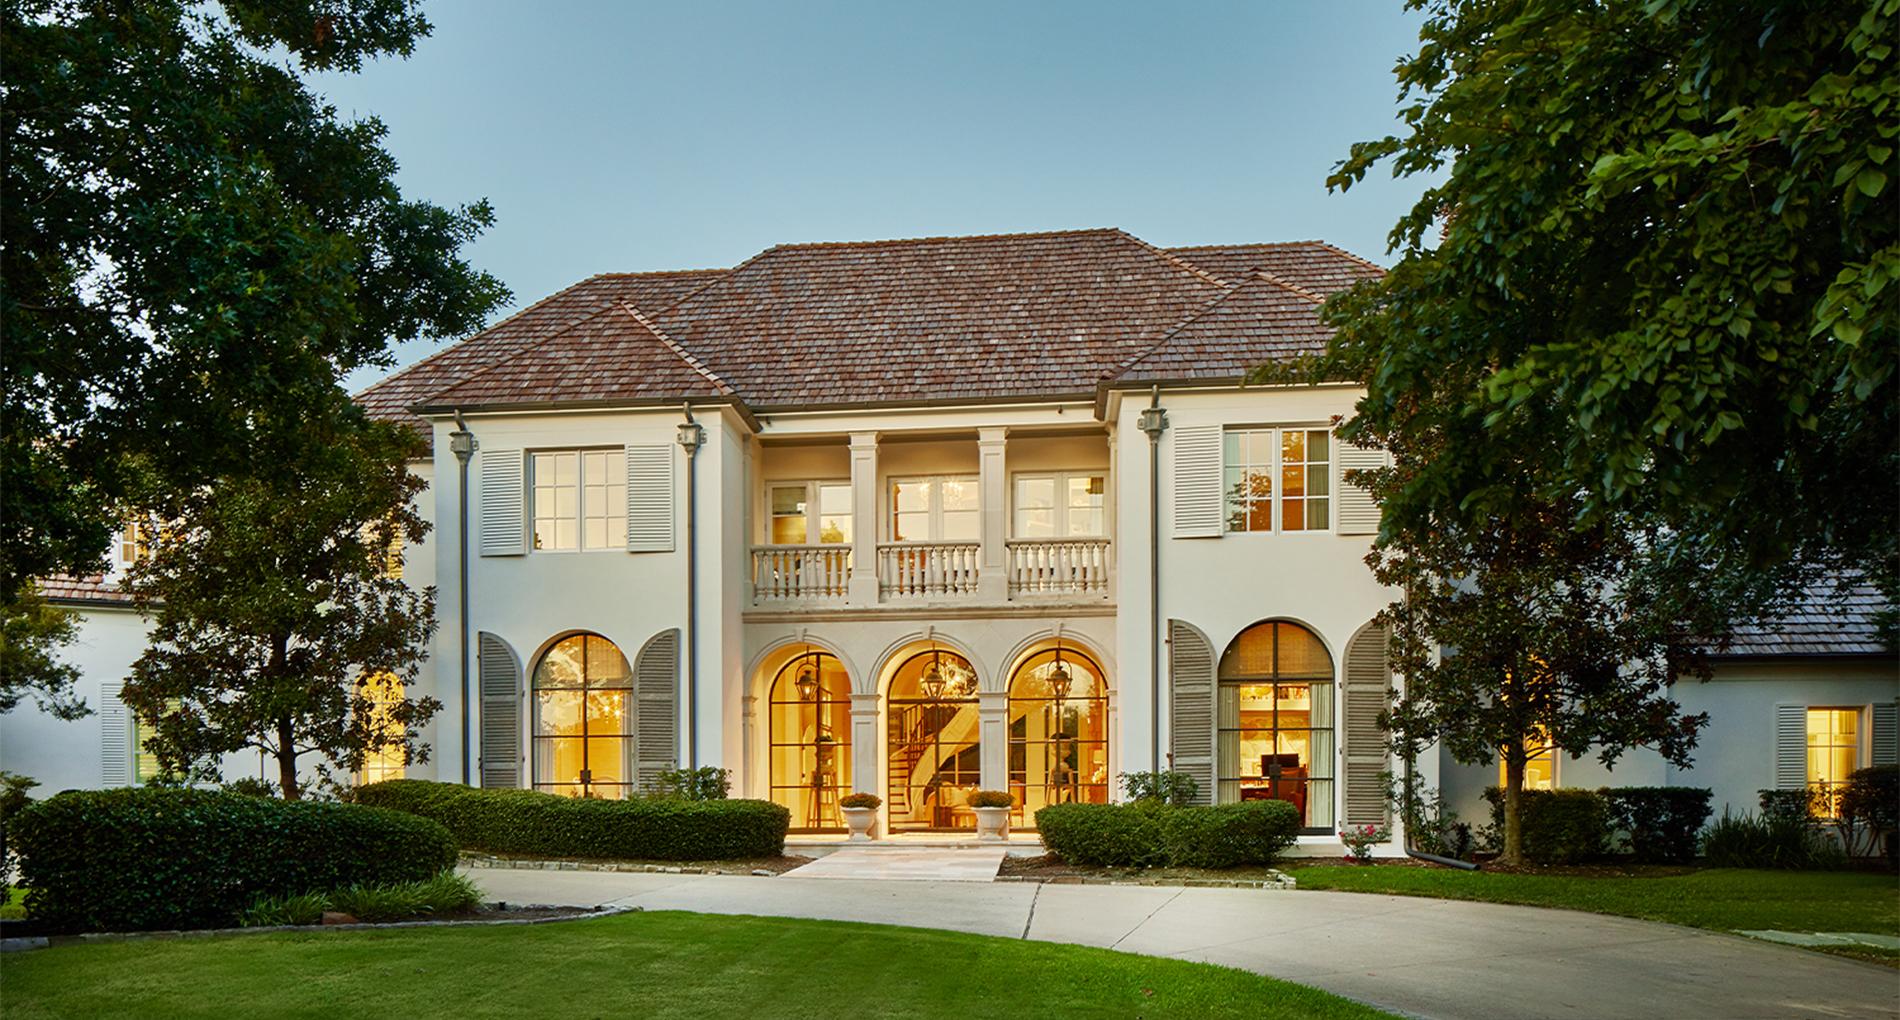 alair-homes-dallas-classic-north-dallas-new-custom-home-feature-image